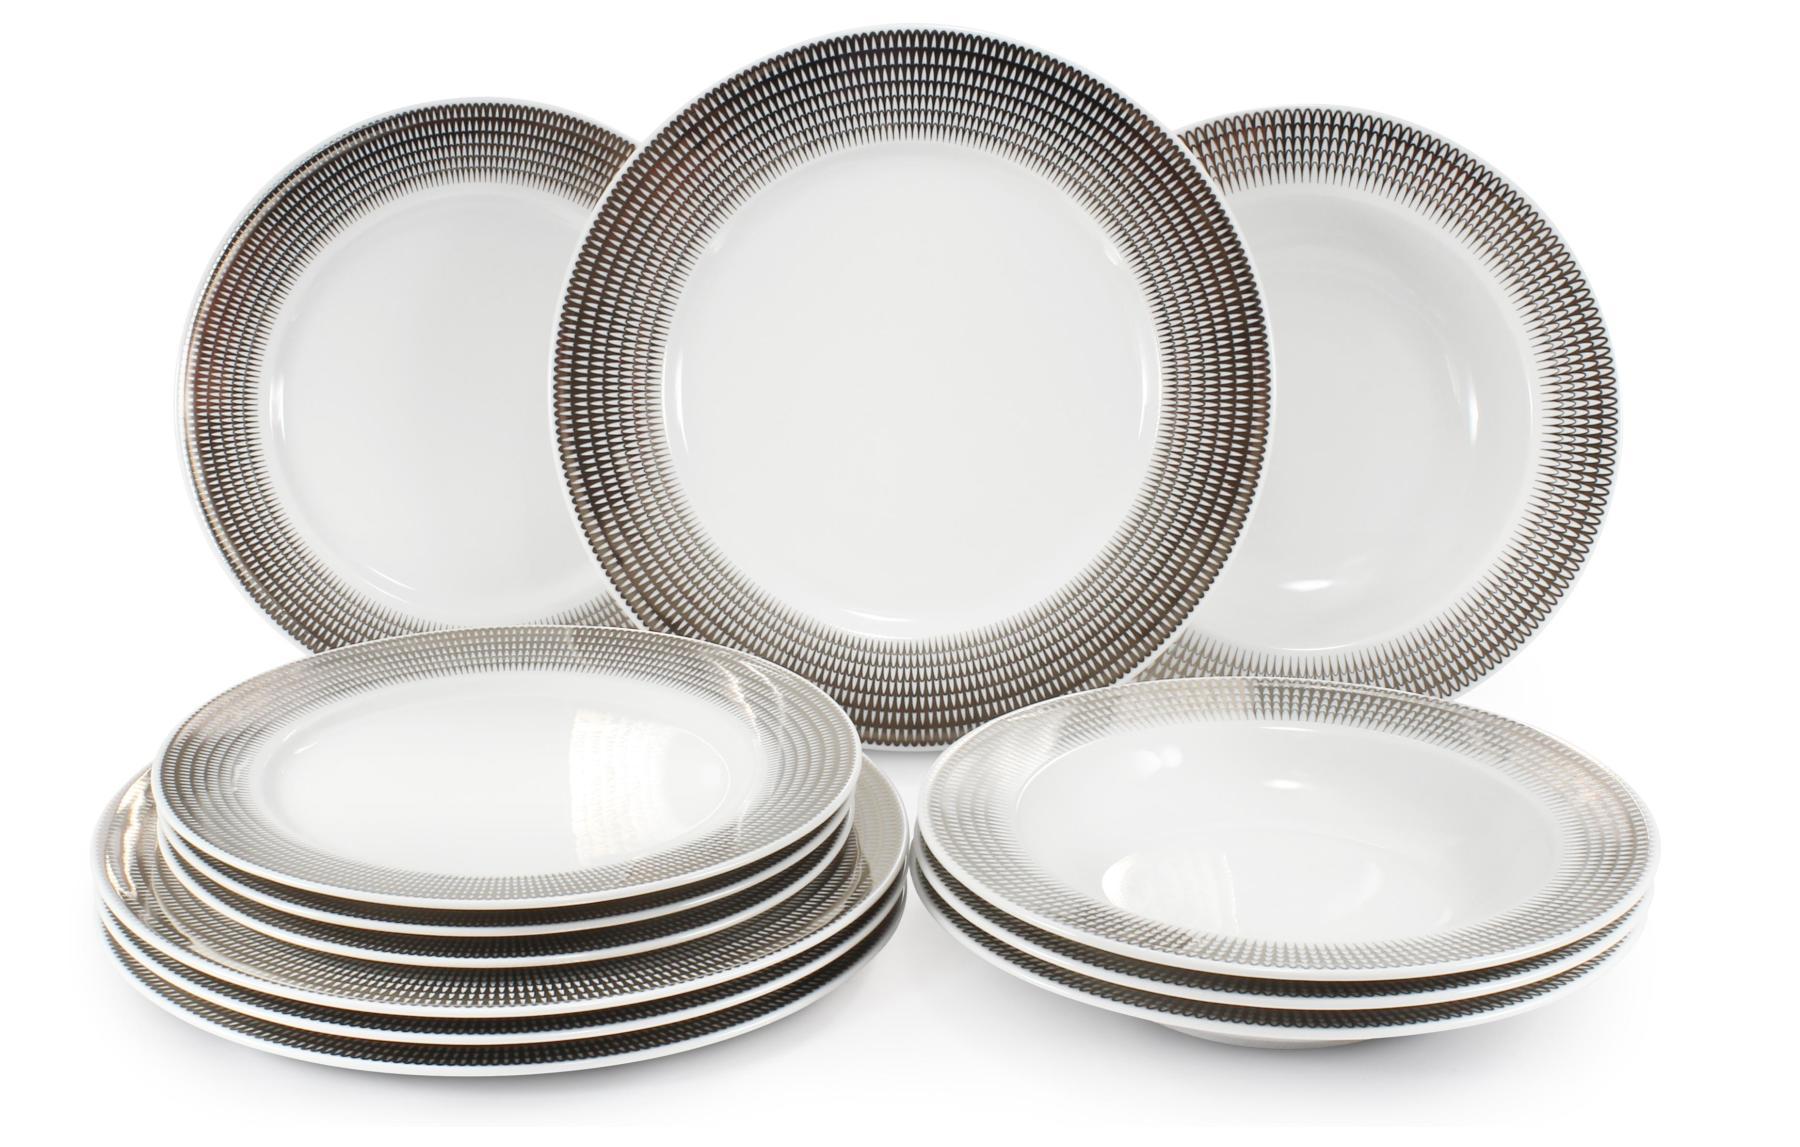 Plate set 12-piece Silver angel wings